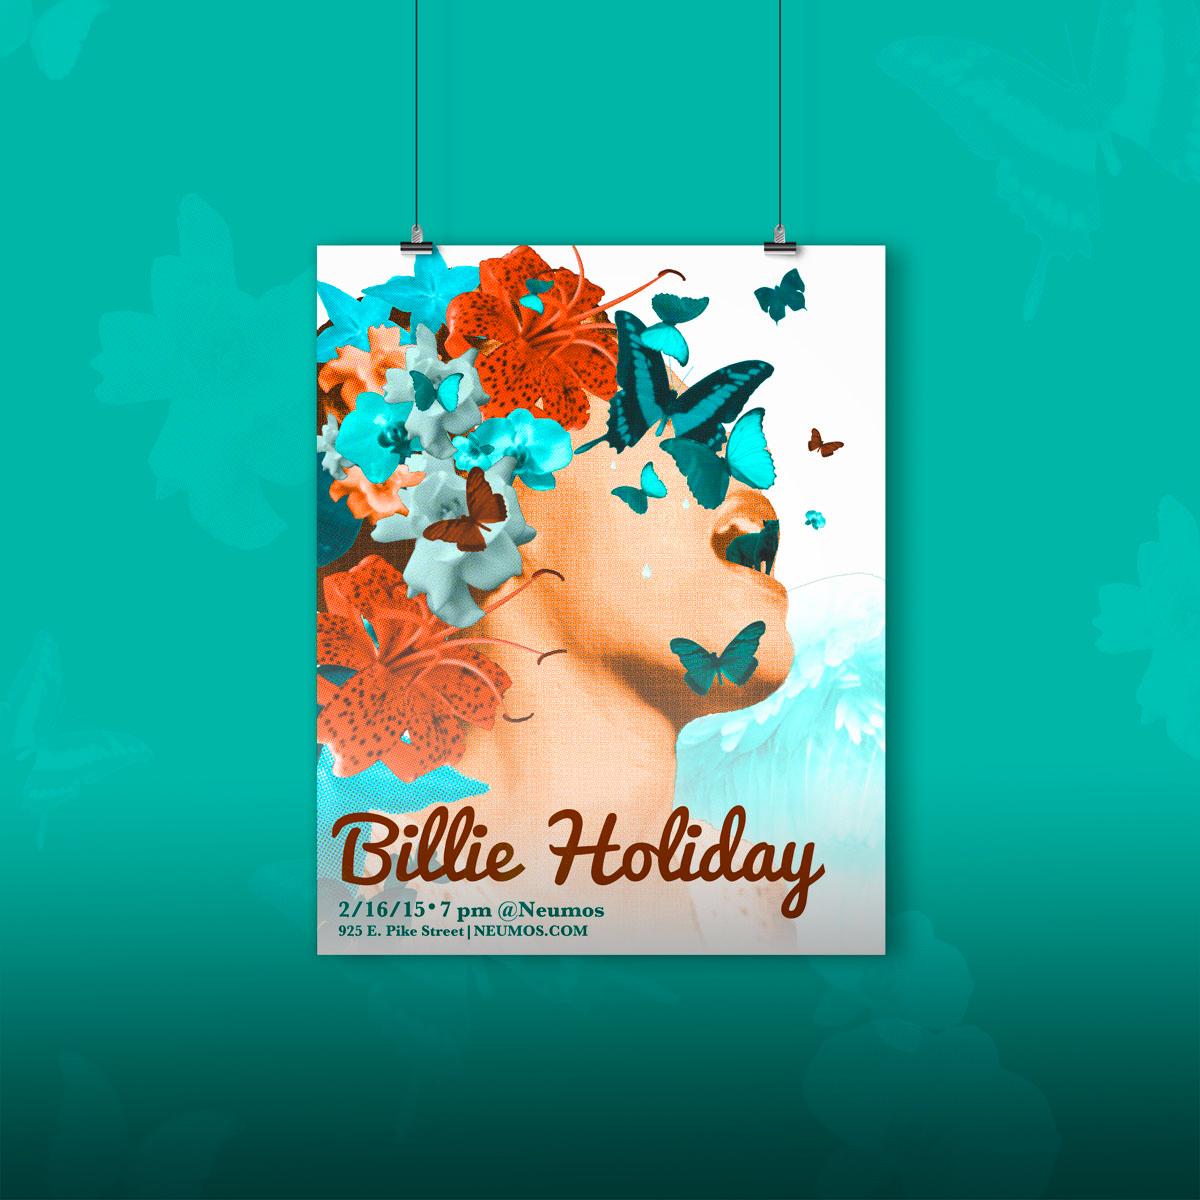 Billie Holiday Gig Poster